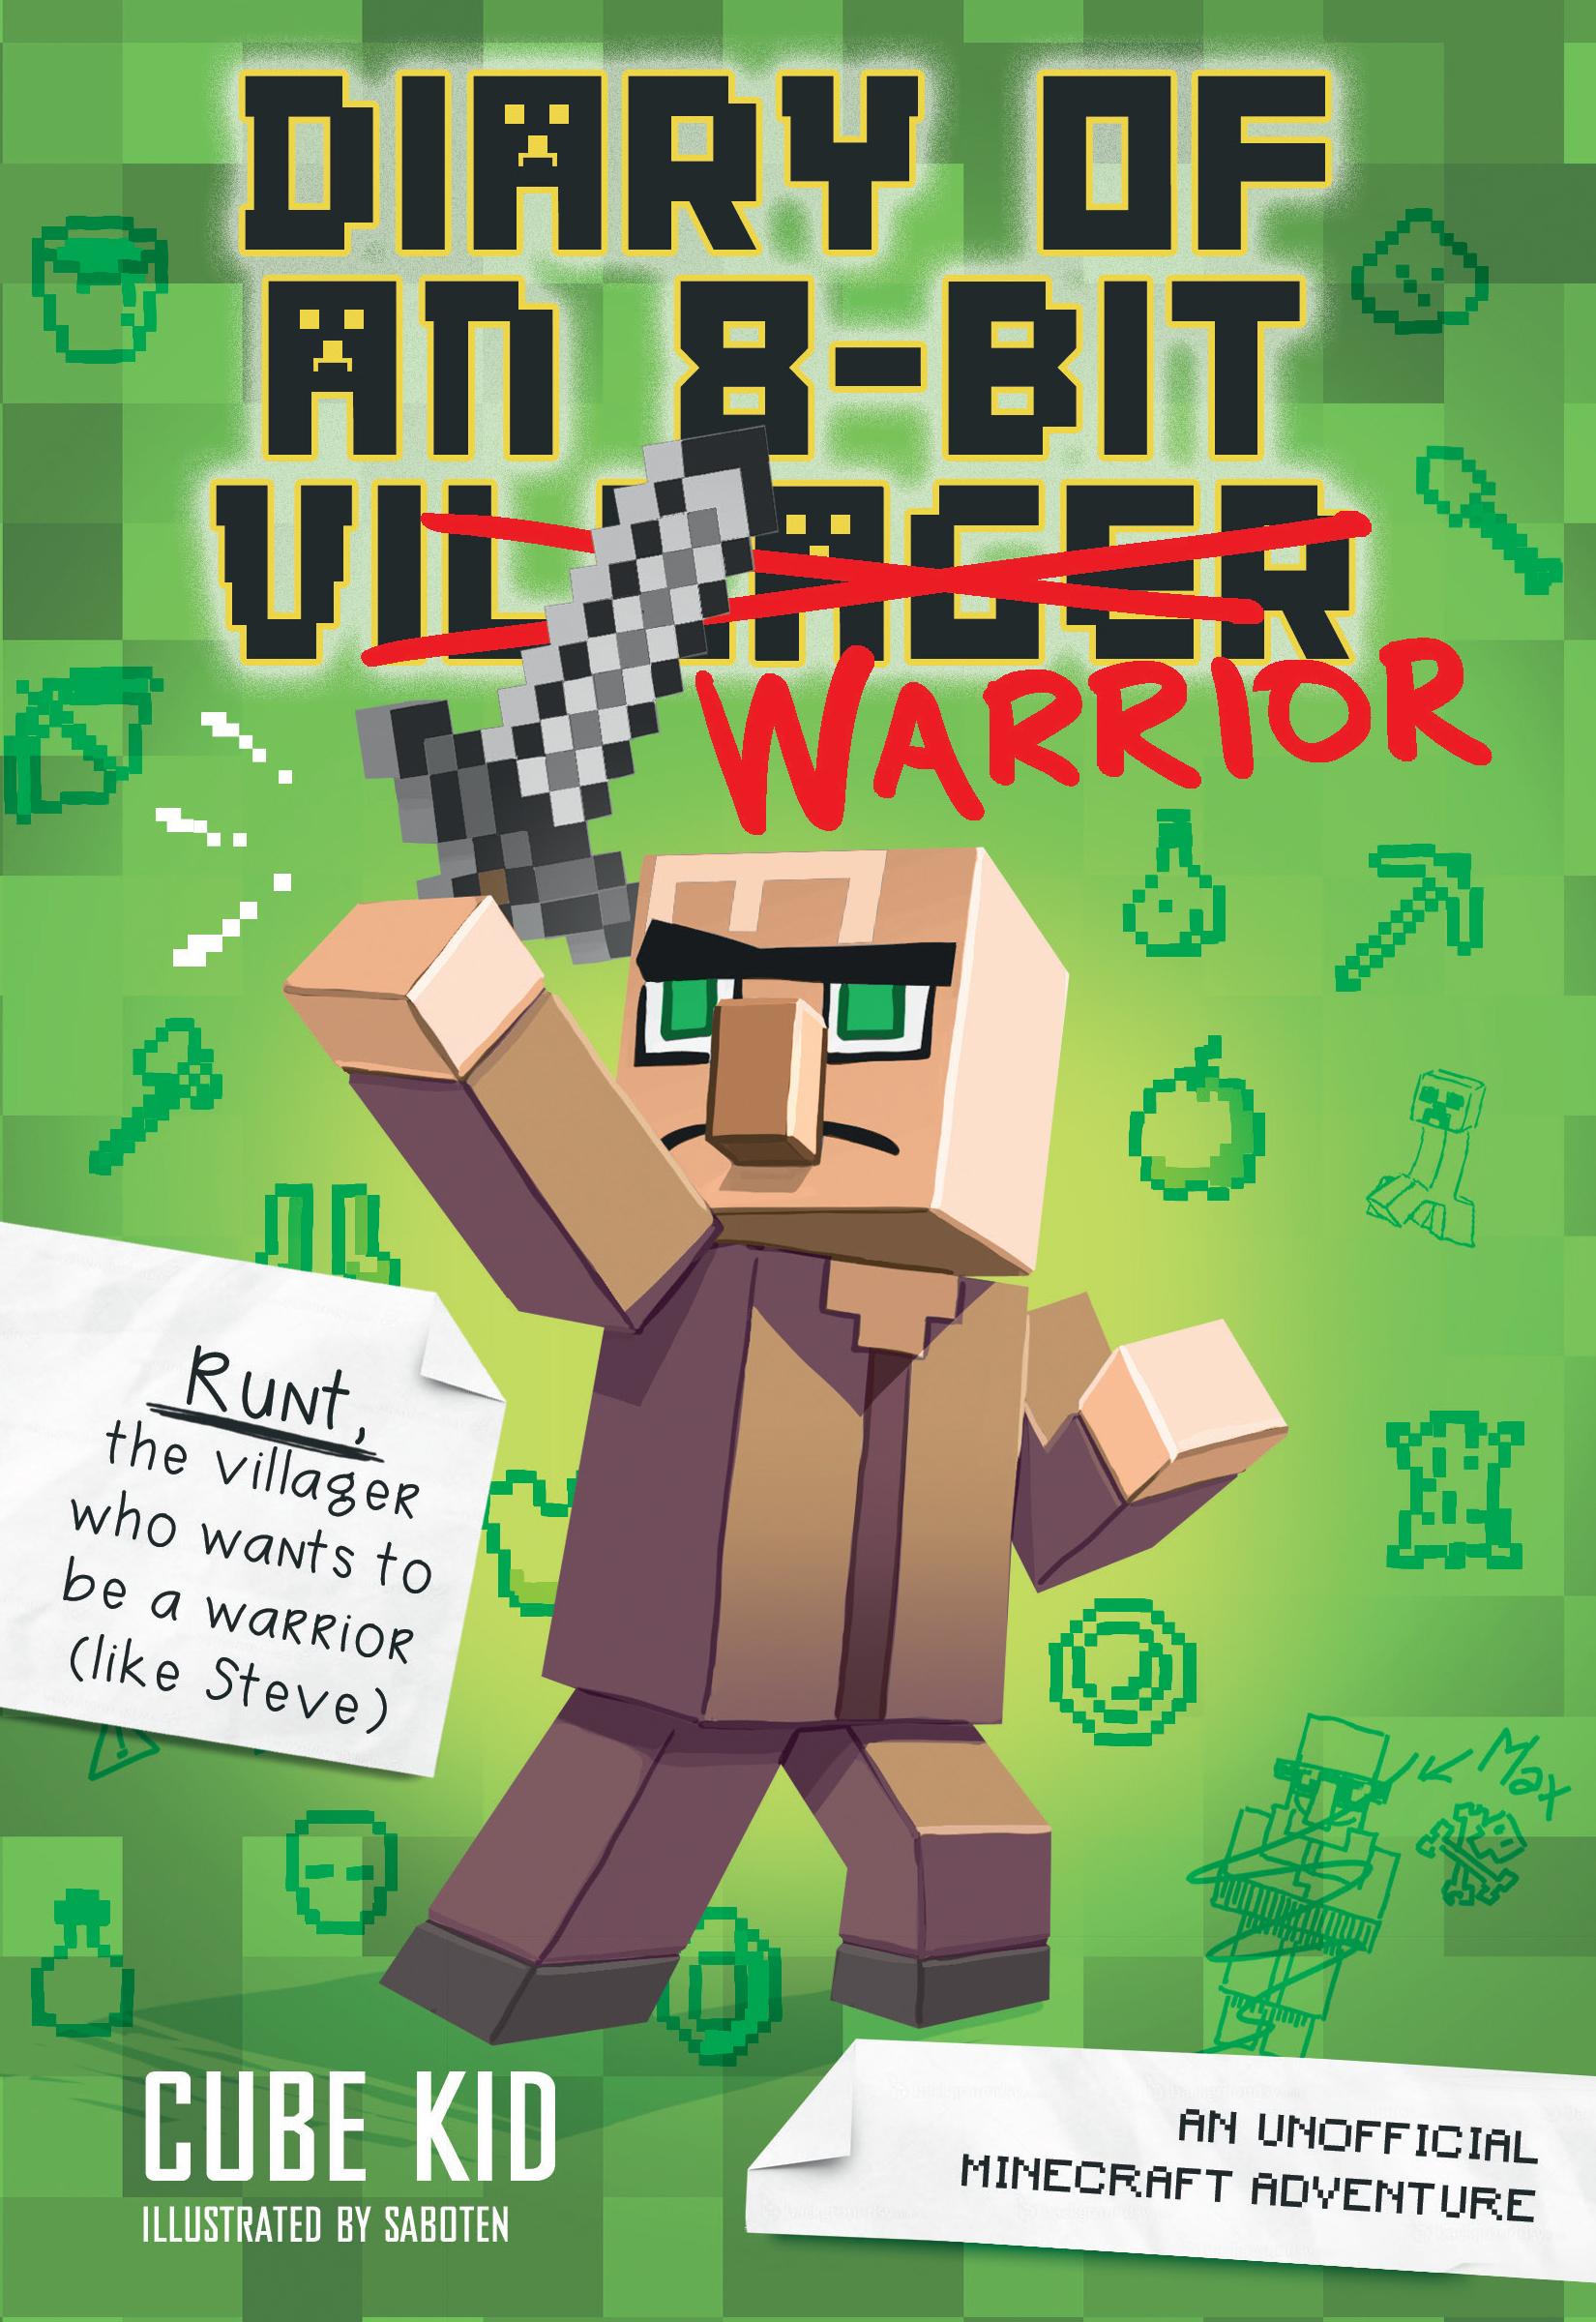 Diary of an 8-Bit Warrior An Unofficial Minecraft Adventure